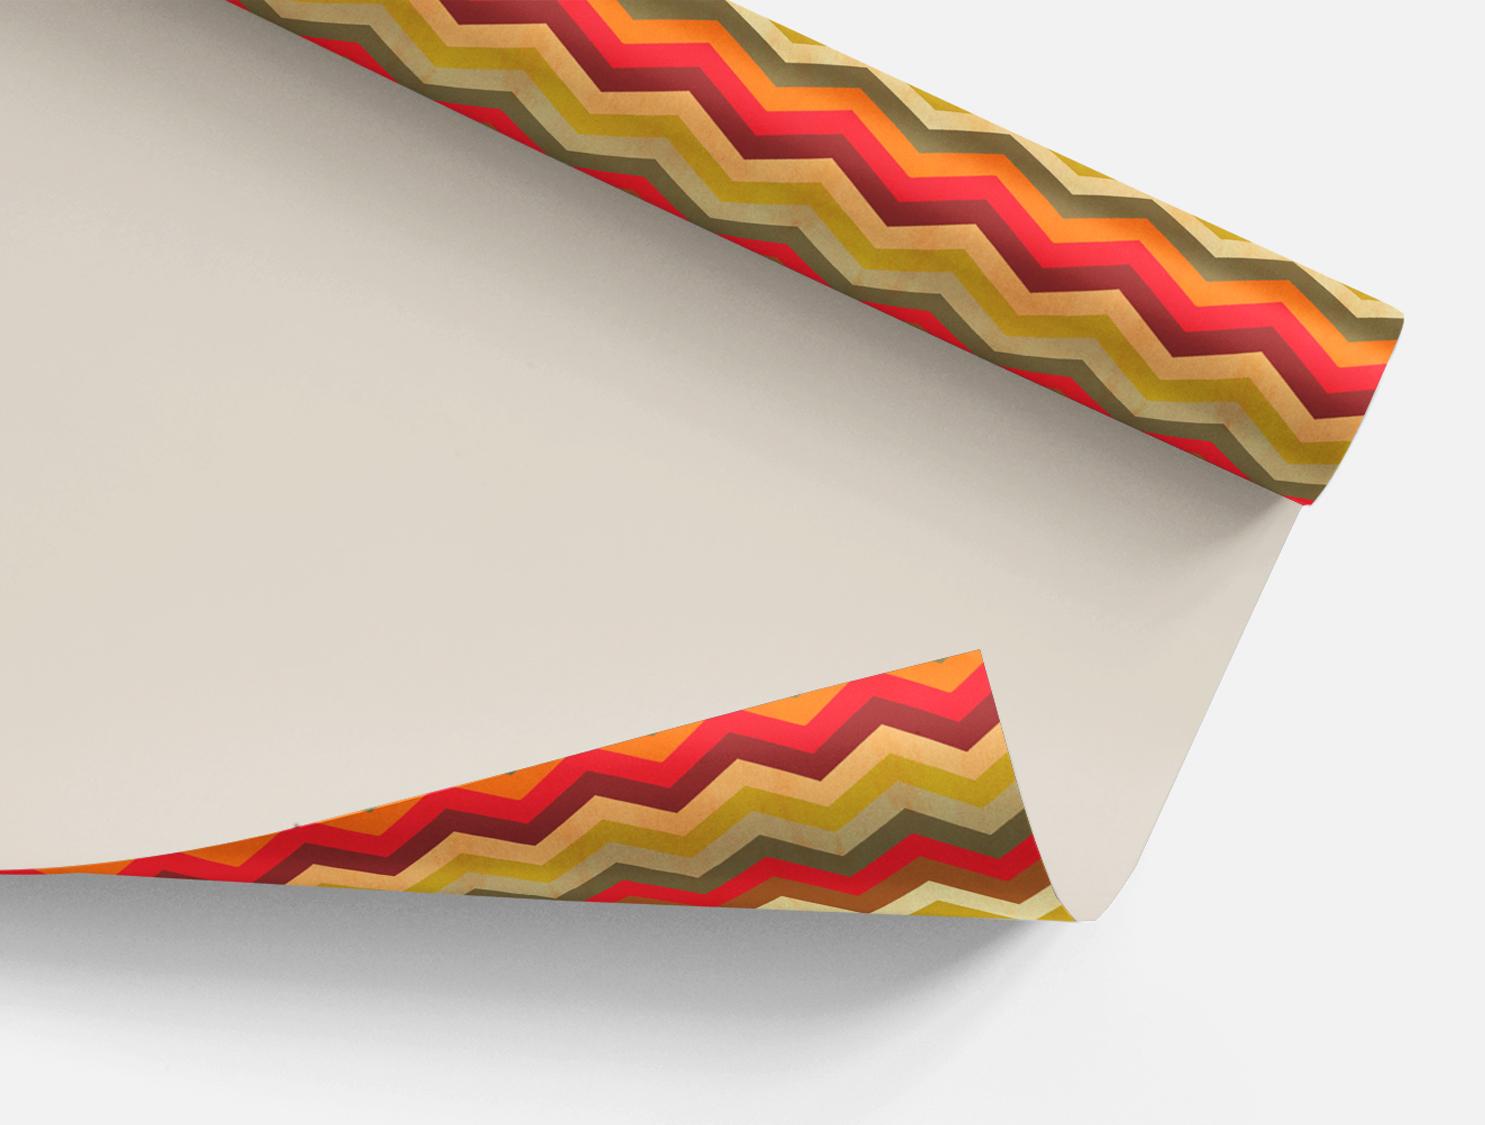 papel-de-presente-mockup.jpg